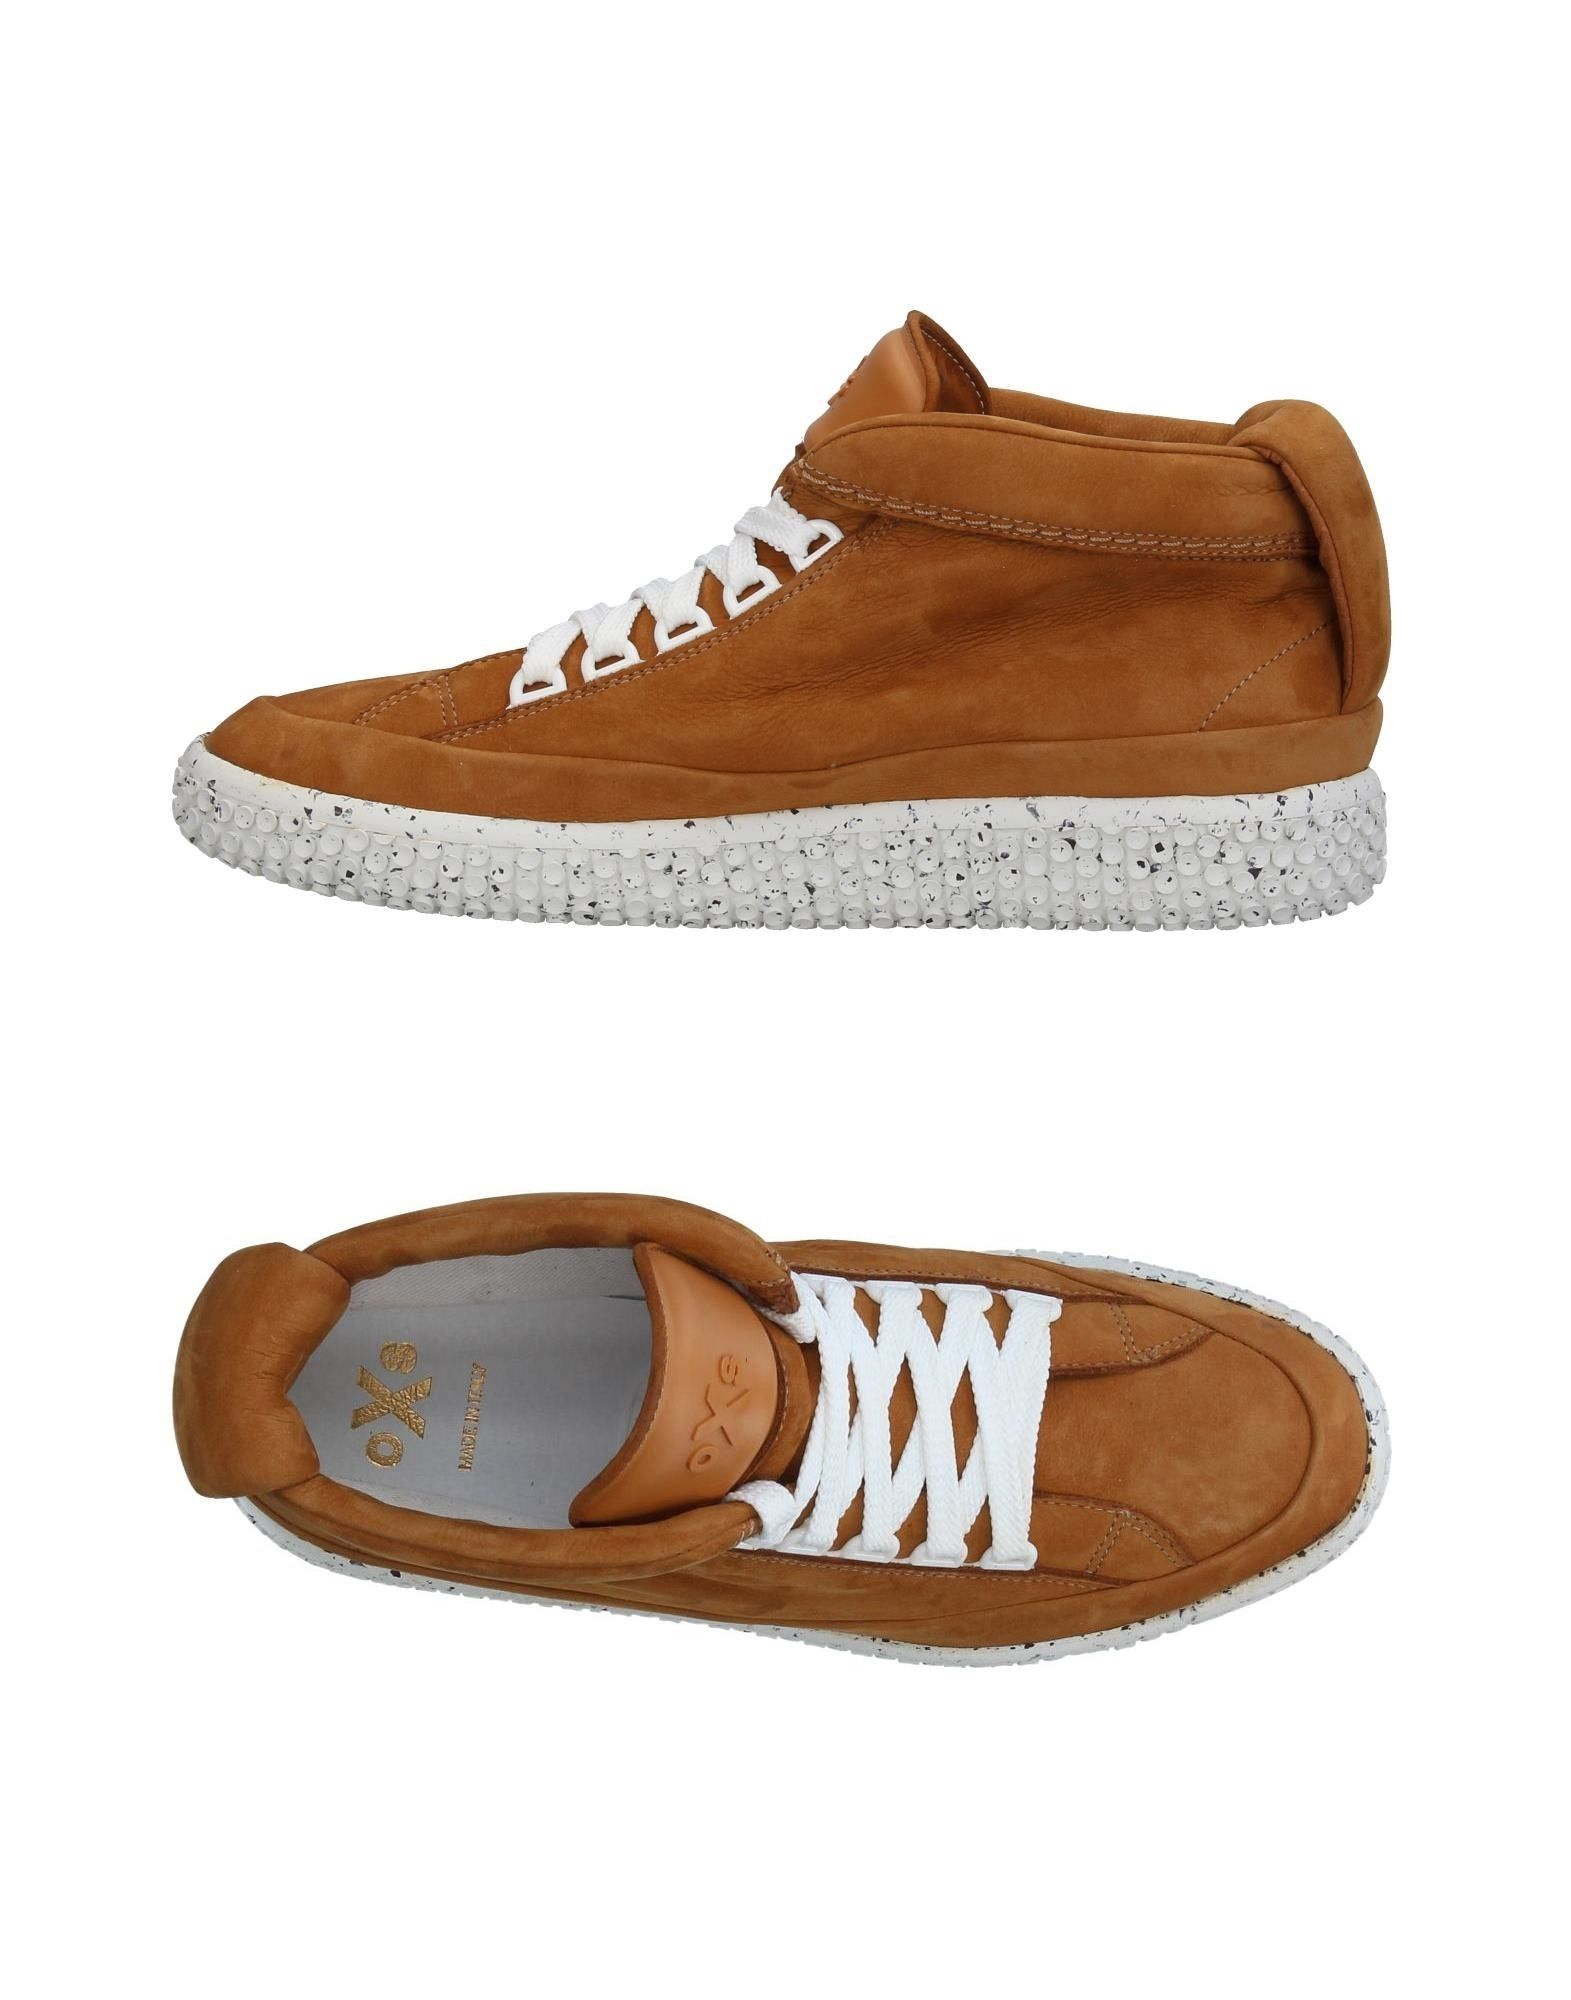 O.X.S. Sneakers lohnt Damen Gutes Preis-Leistungs-Verhältnis, es lohnt Sneakers sich 3990 09b99b